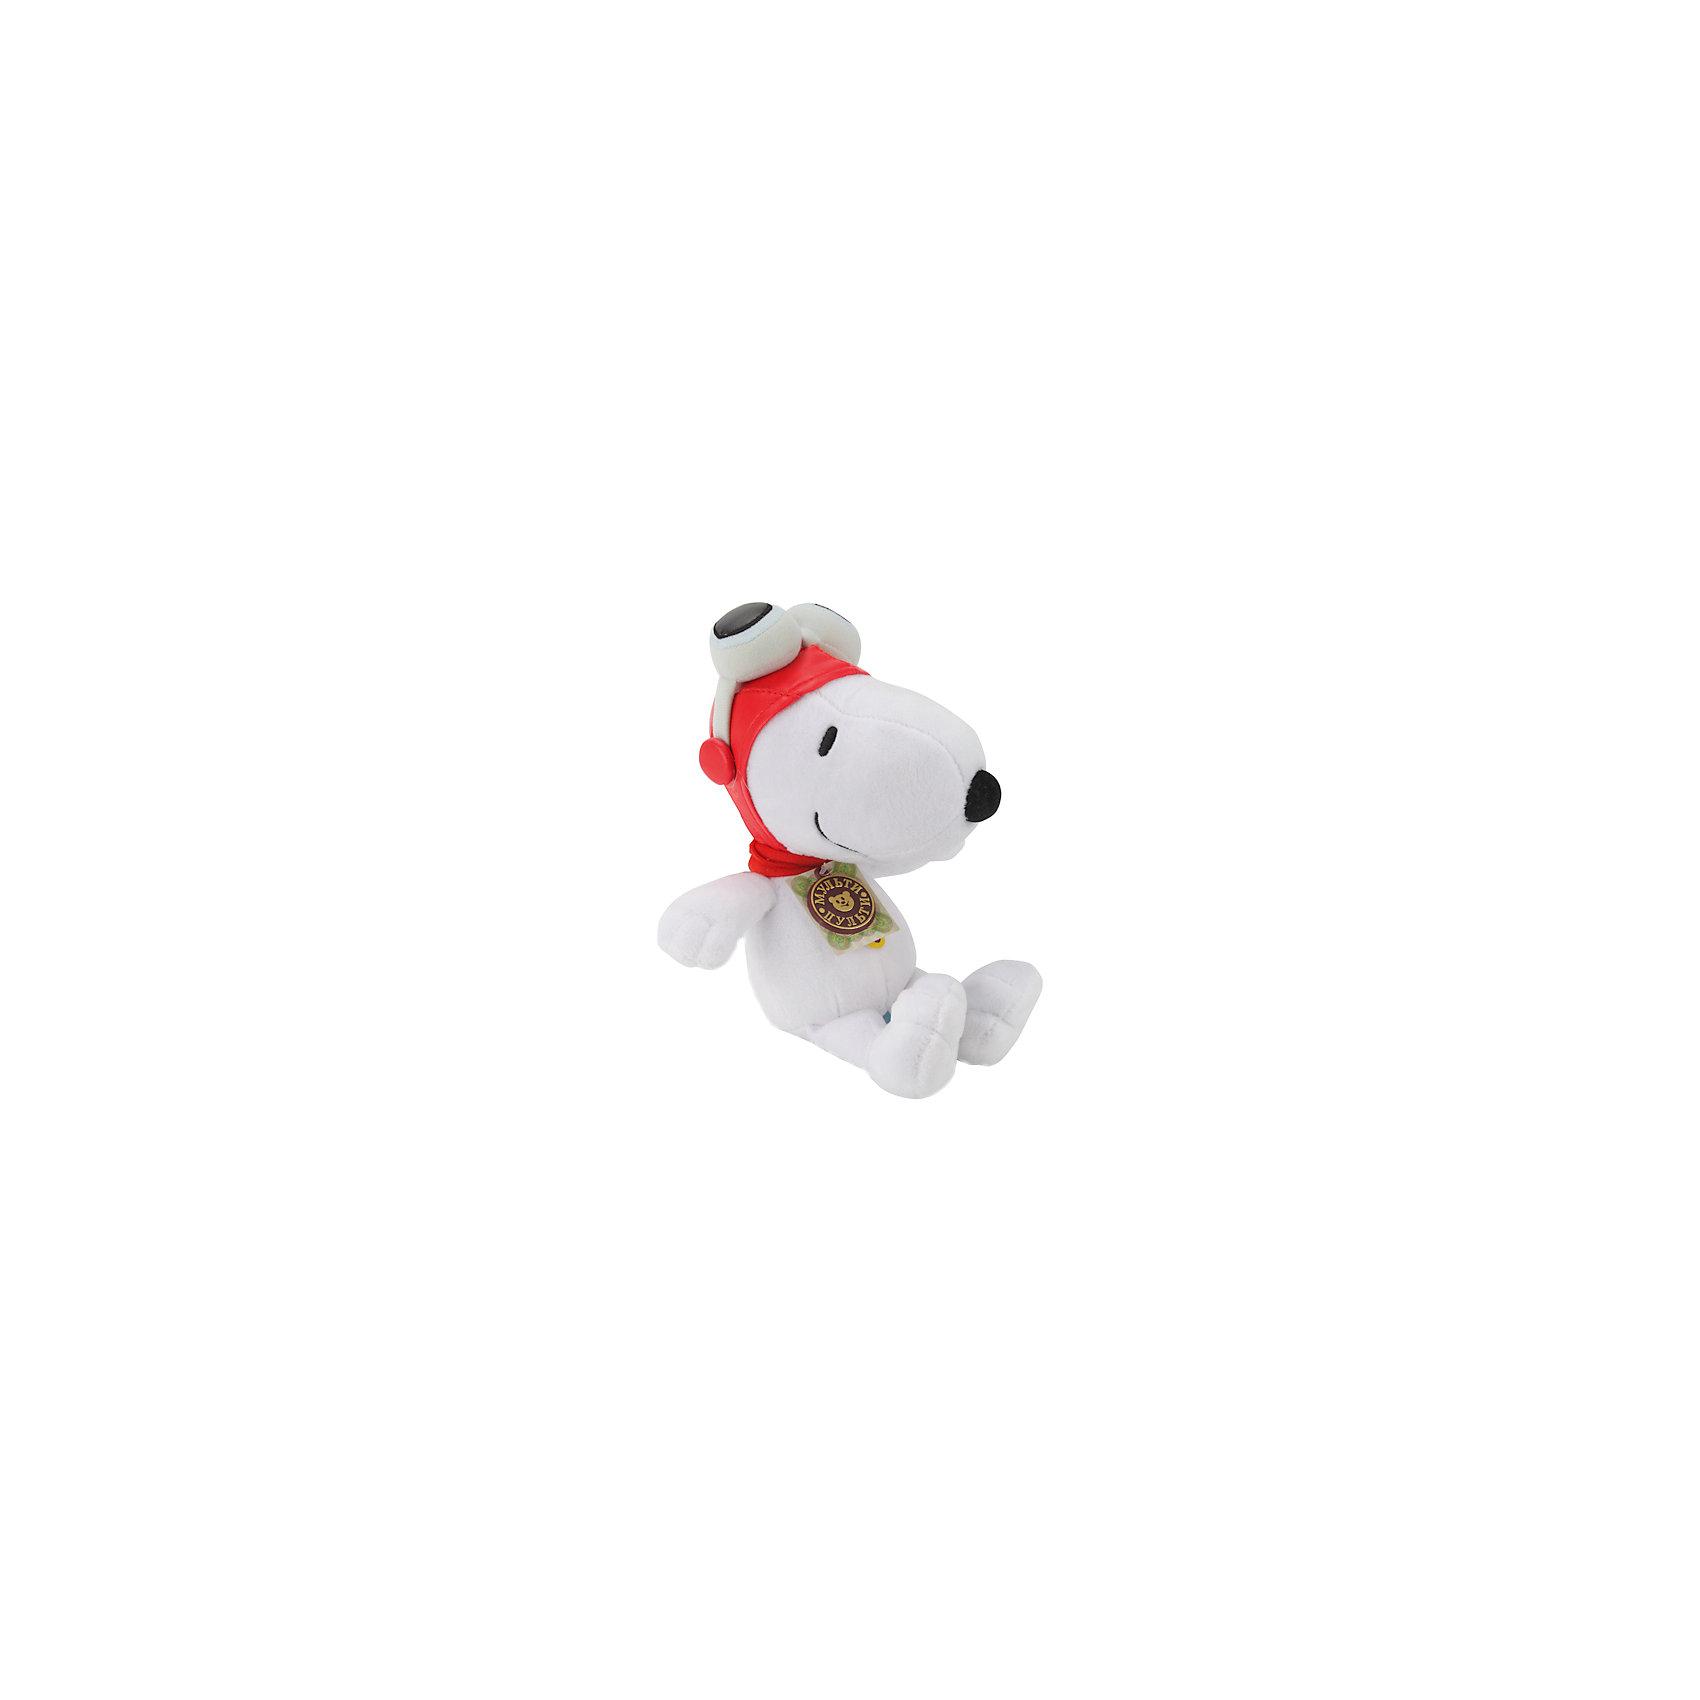 МУЛЬТИ-ПУЛЬТИ Мягкая игрушка  Снупи, 23 см, со звуком, МУЛЬТИ-ПУЛЬТИ мульти пульти коза дереза 23 см со звуком мульти пульти